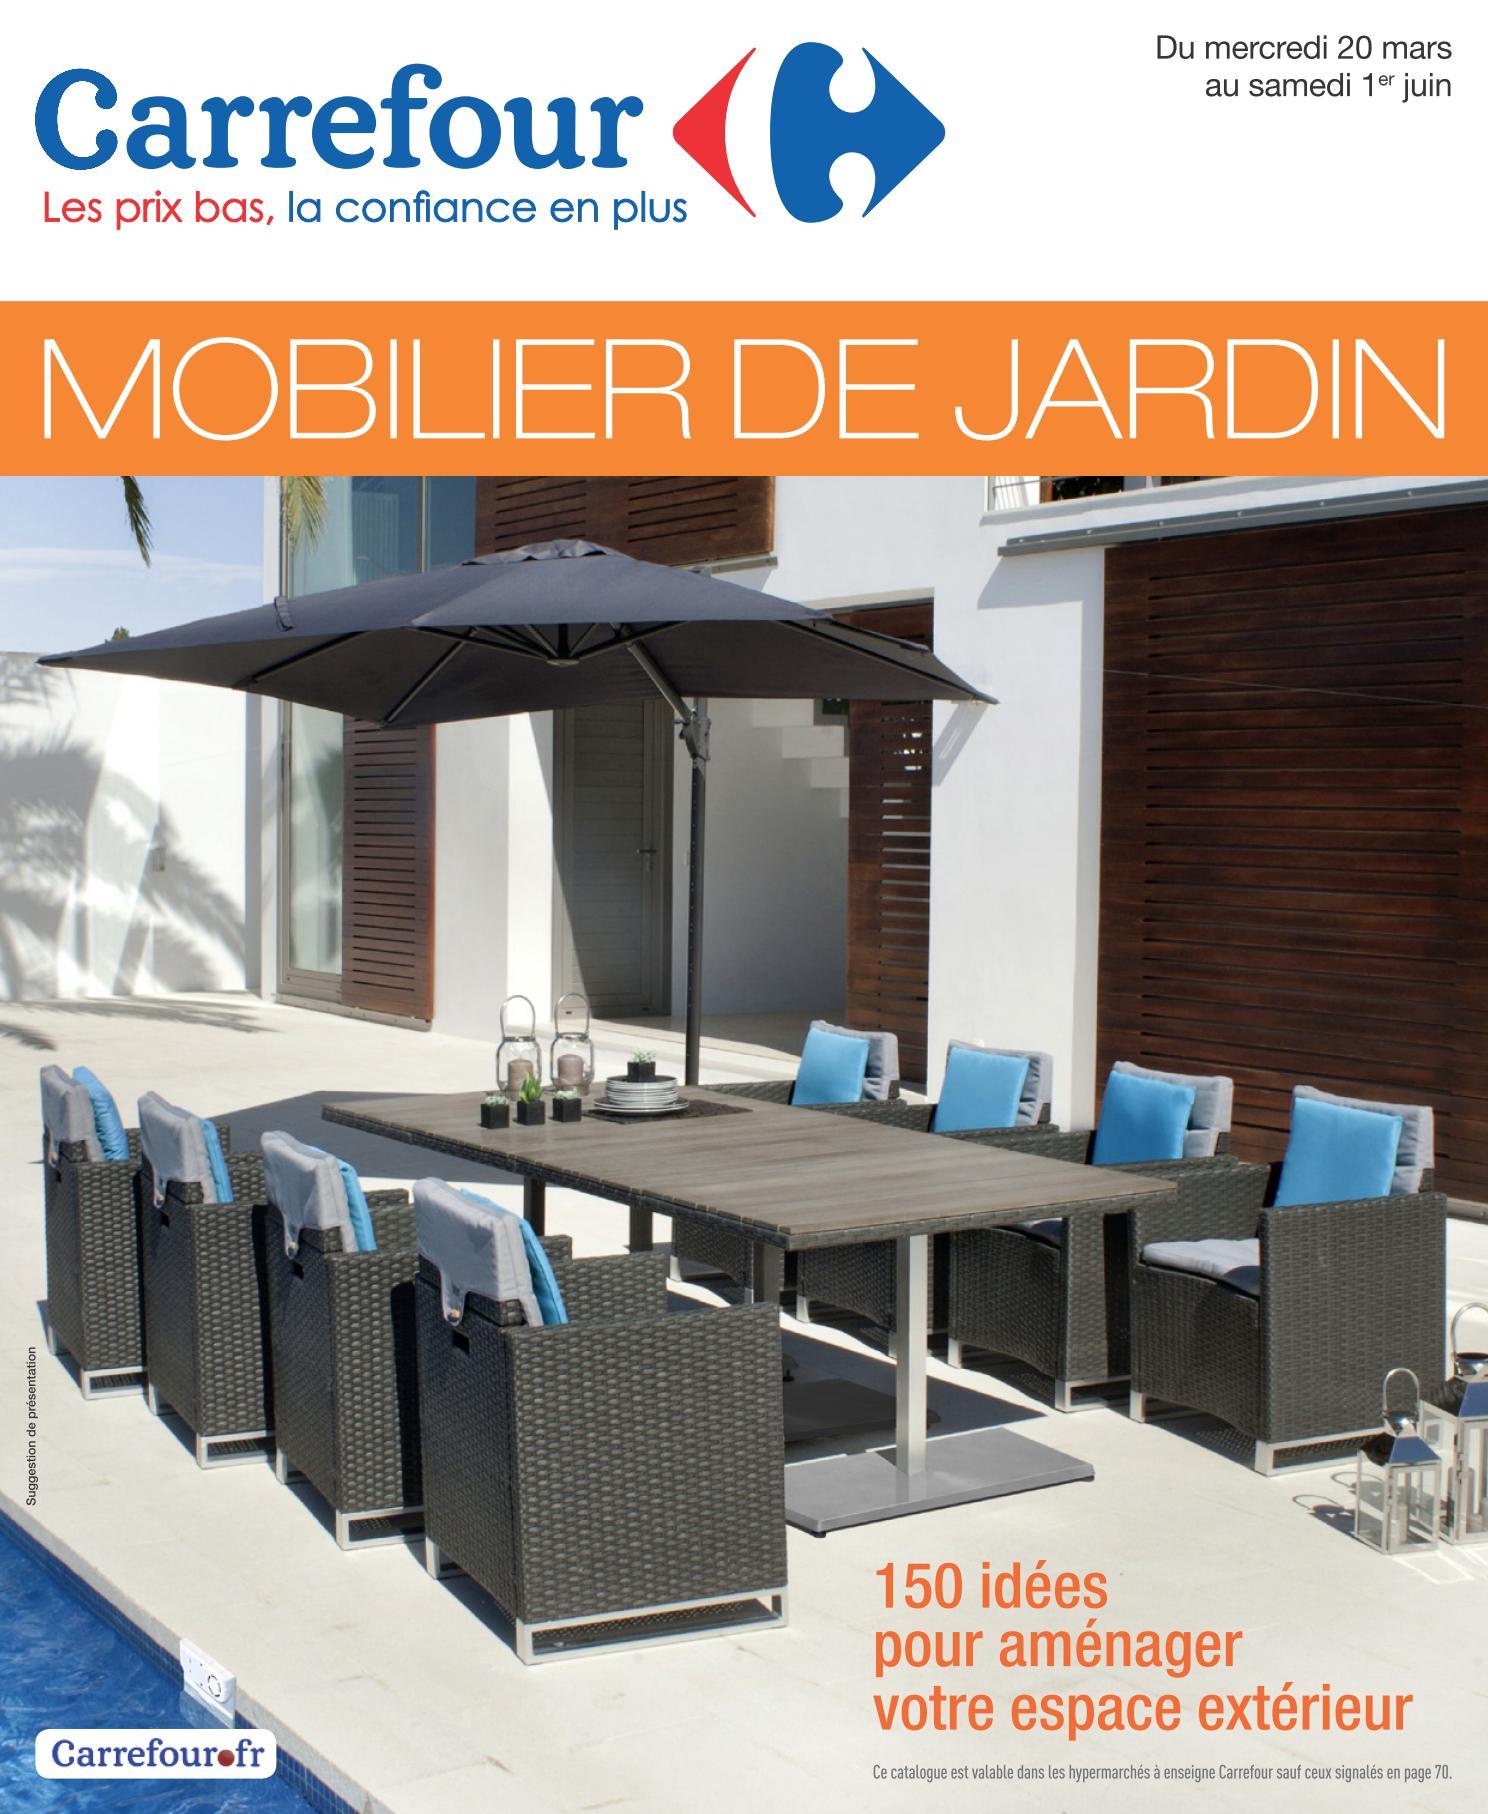 Salon De Jardin A Carrefour - The Best Undercut Ponytail dedans Salon De Jardin Pas Cher Carrefour